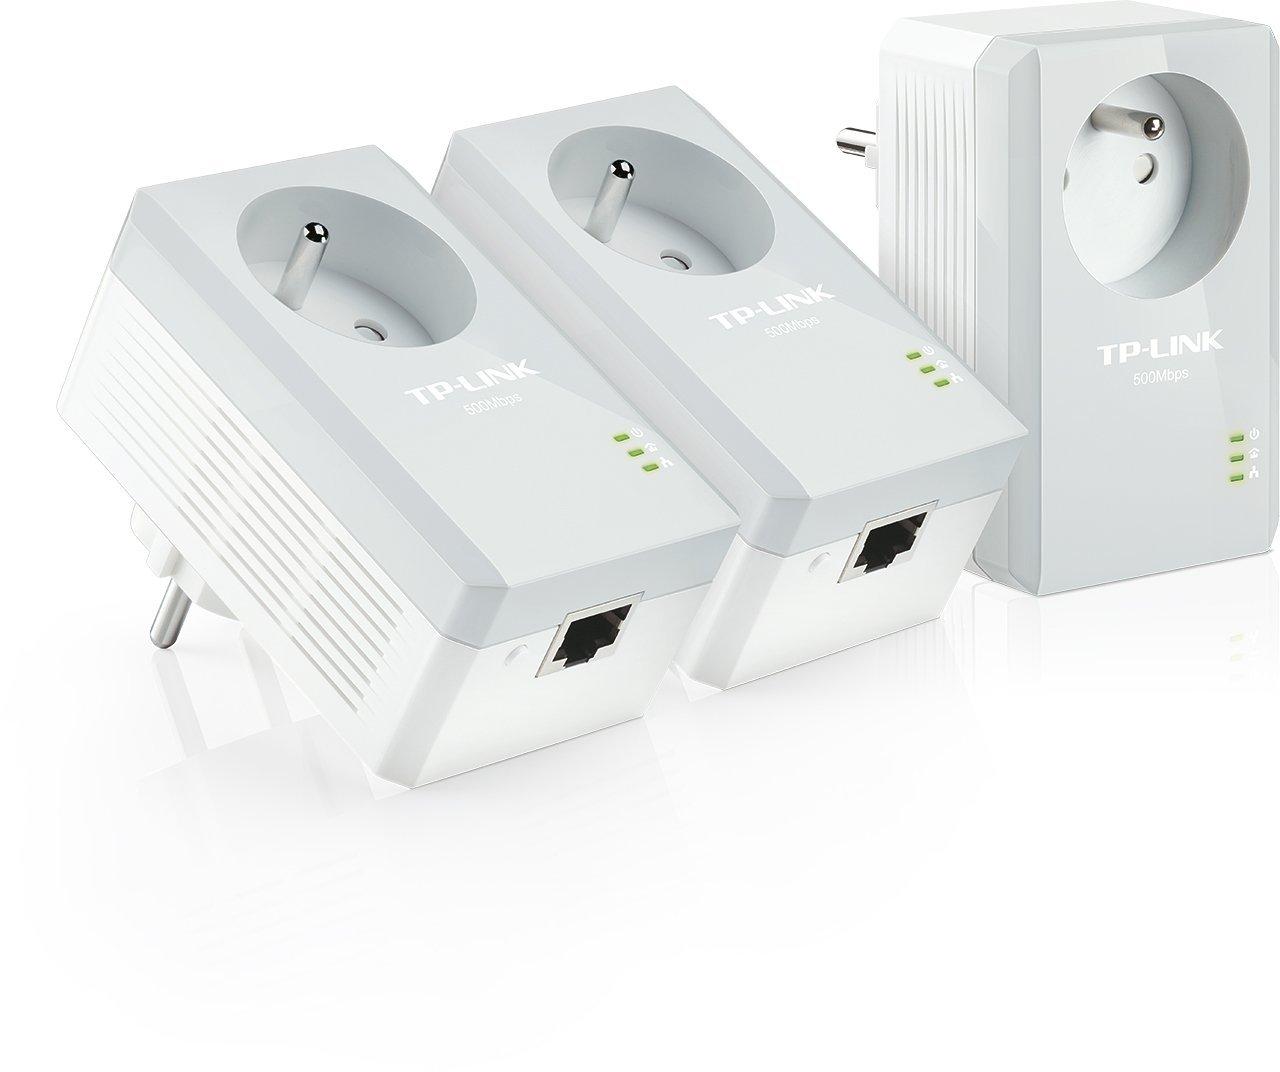 CPL - TPLINK AV500 - KIT X3 - 500 Mbps